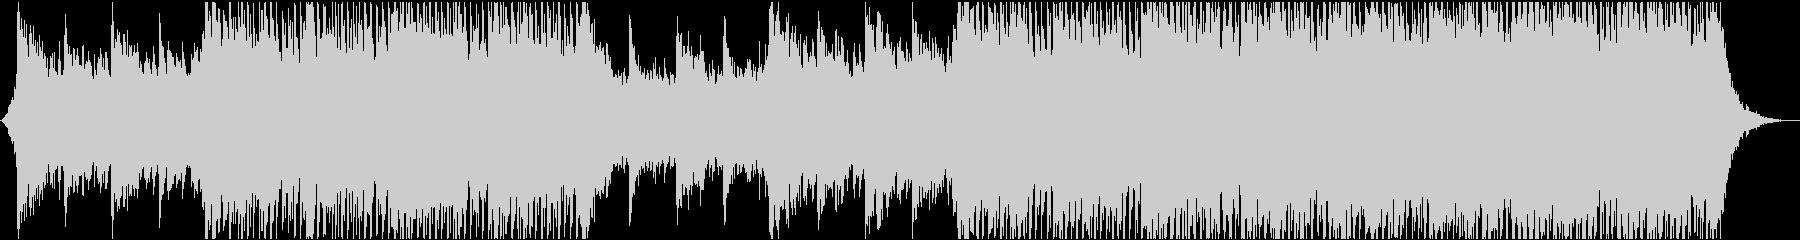 室内楽 クラシック 交響曲 コーポ...の未再生の波形